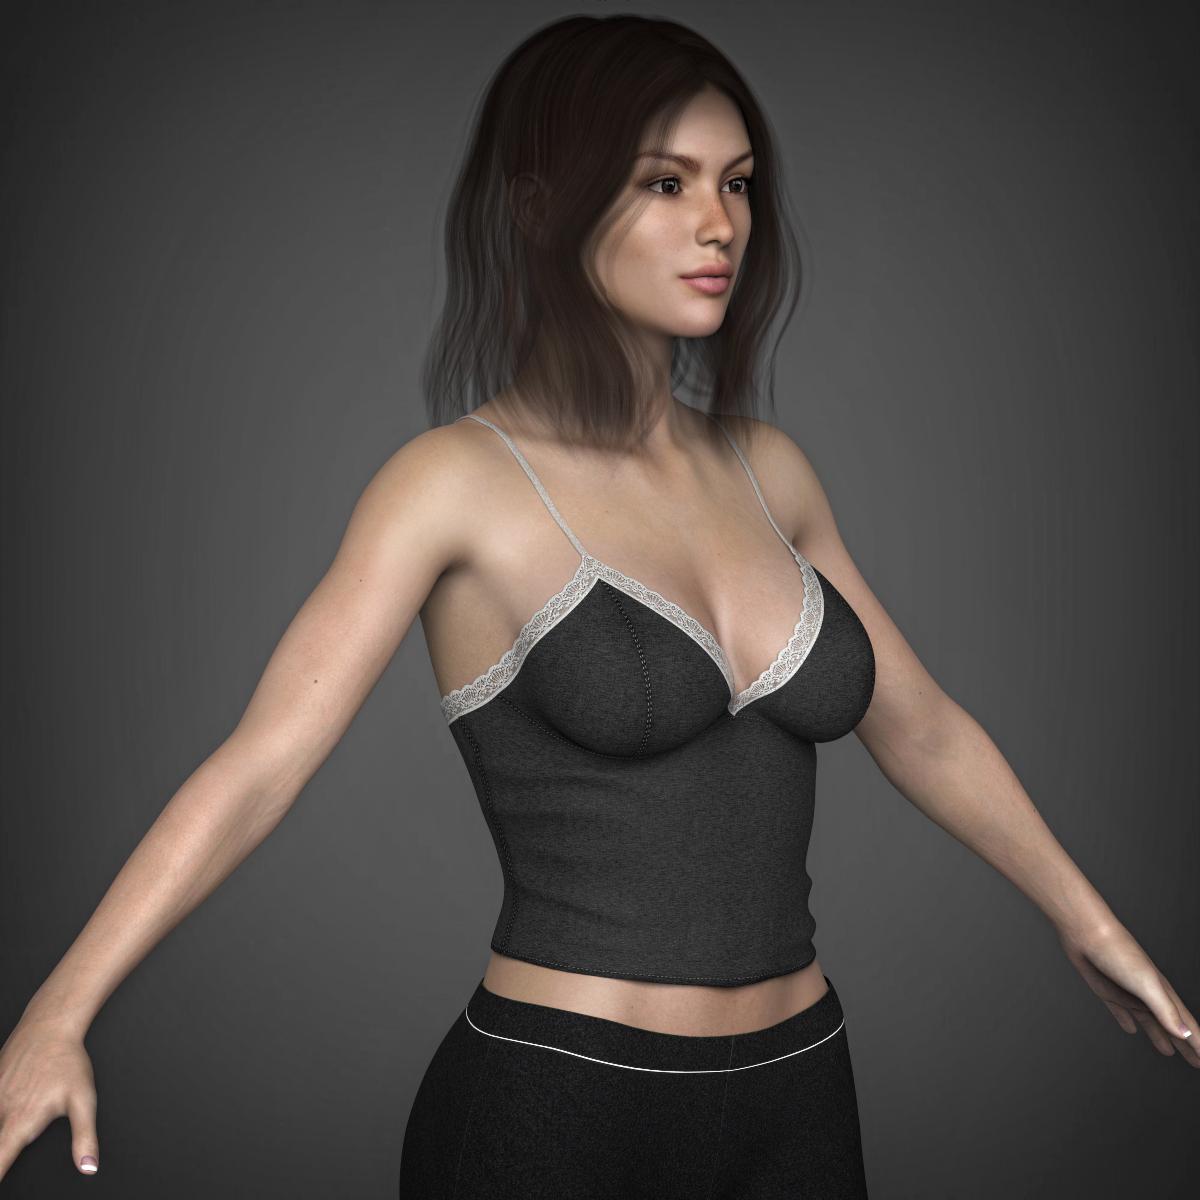 young beautiful woman 3d model max fbx c4d ma mb texture obj 223034